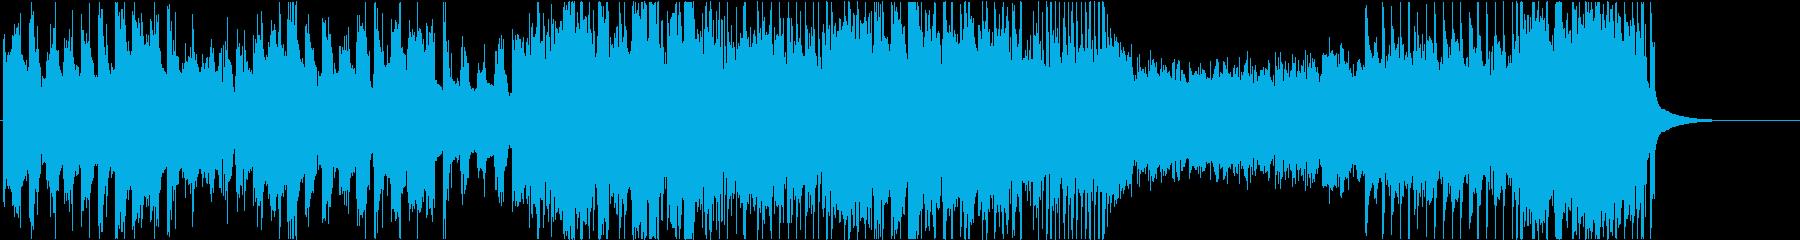 ドラマチックチップチューン ショート①の再生済みの波形